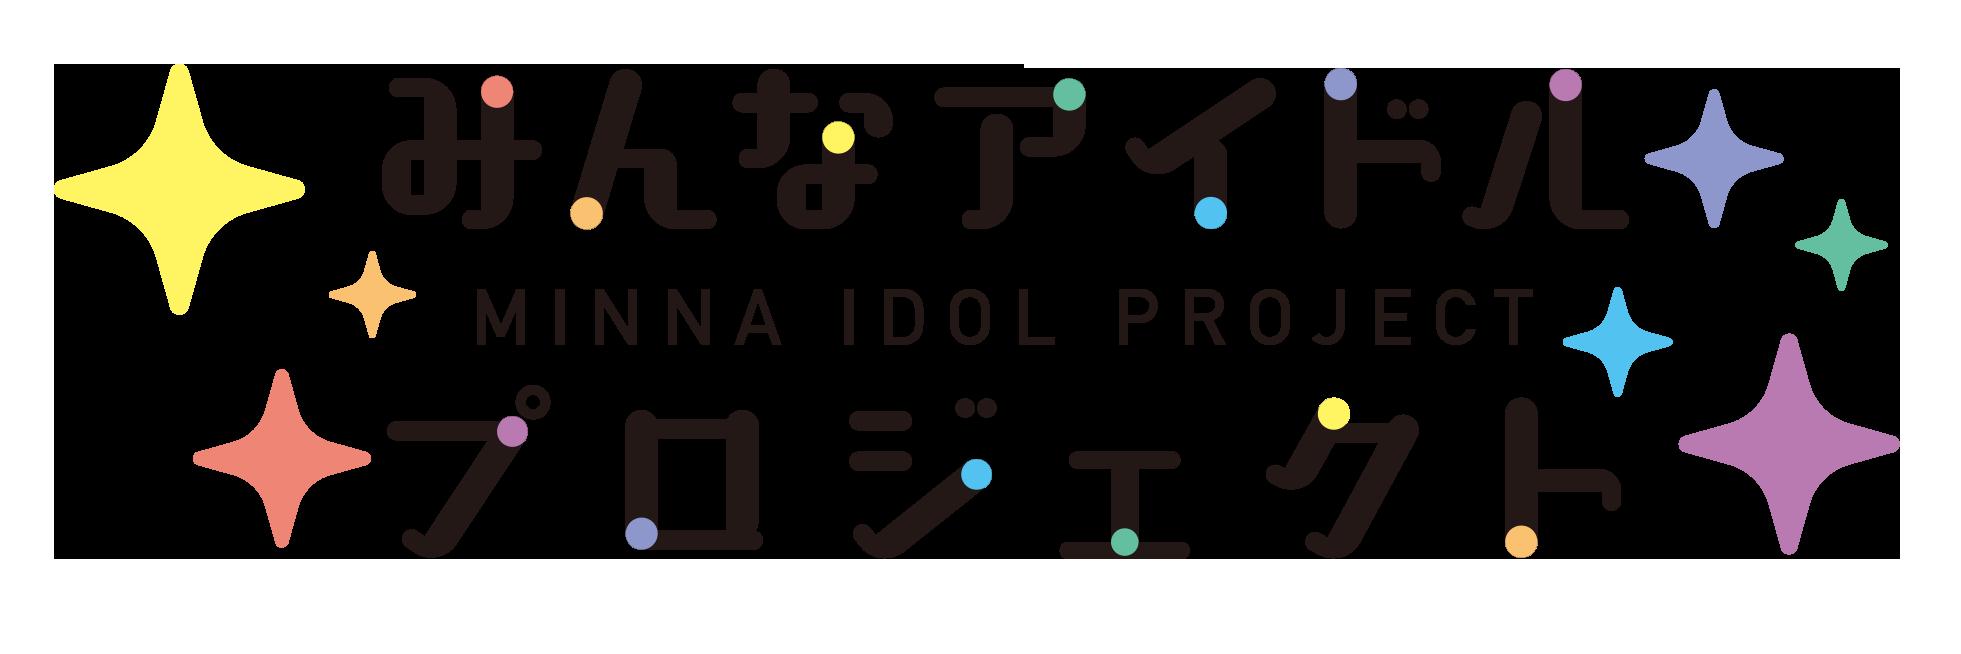 みんなアイドルプロジェクトロゴ01